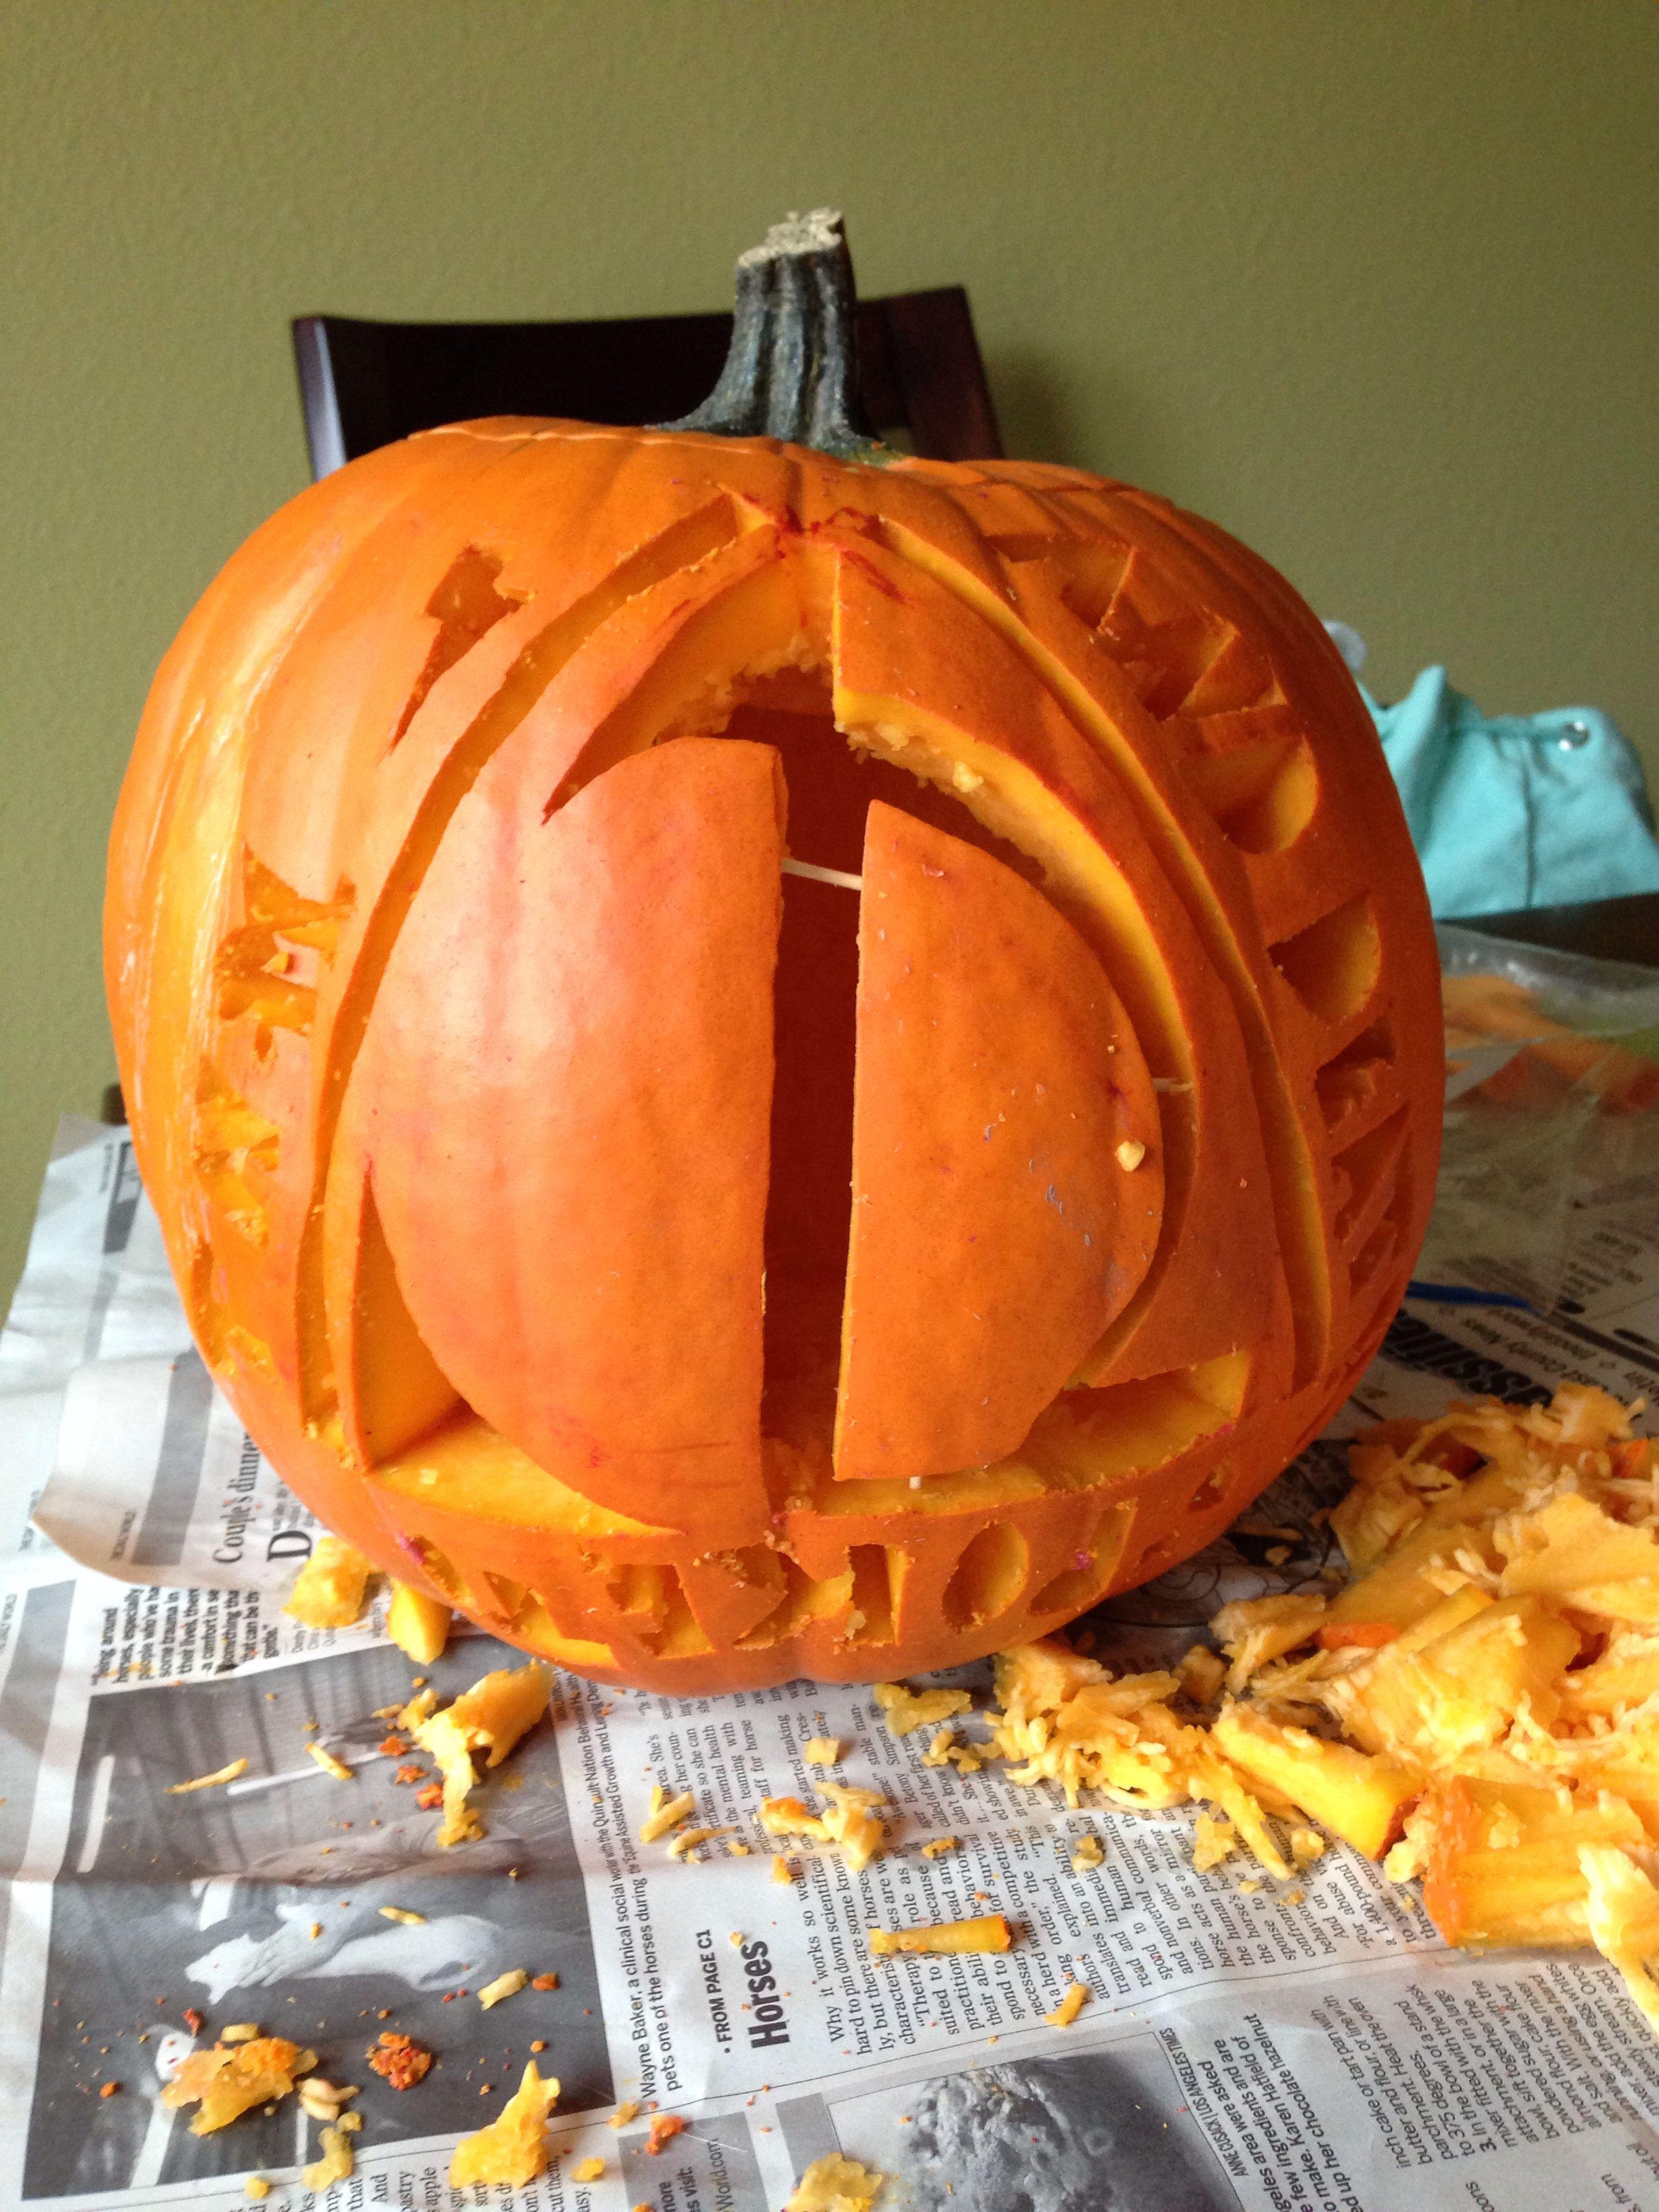 Harry potter Halloween pumpkin carving Homemade